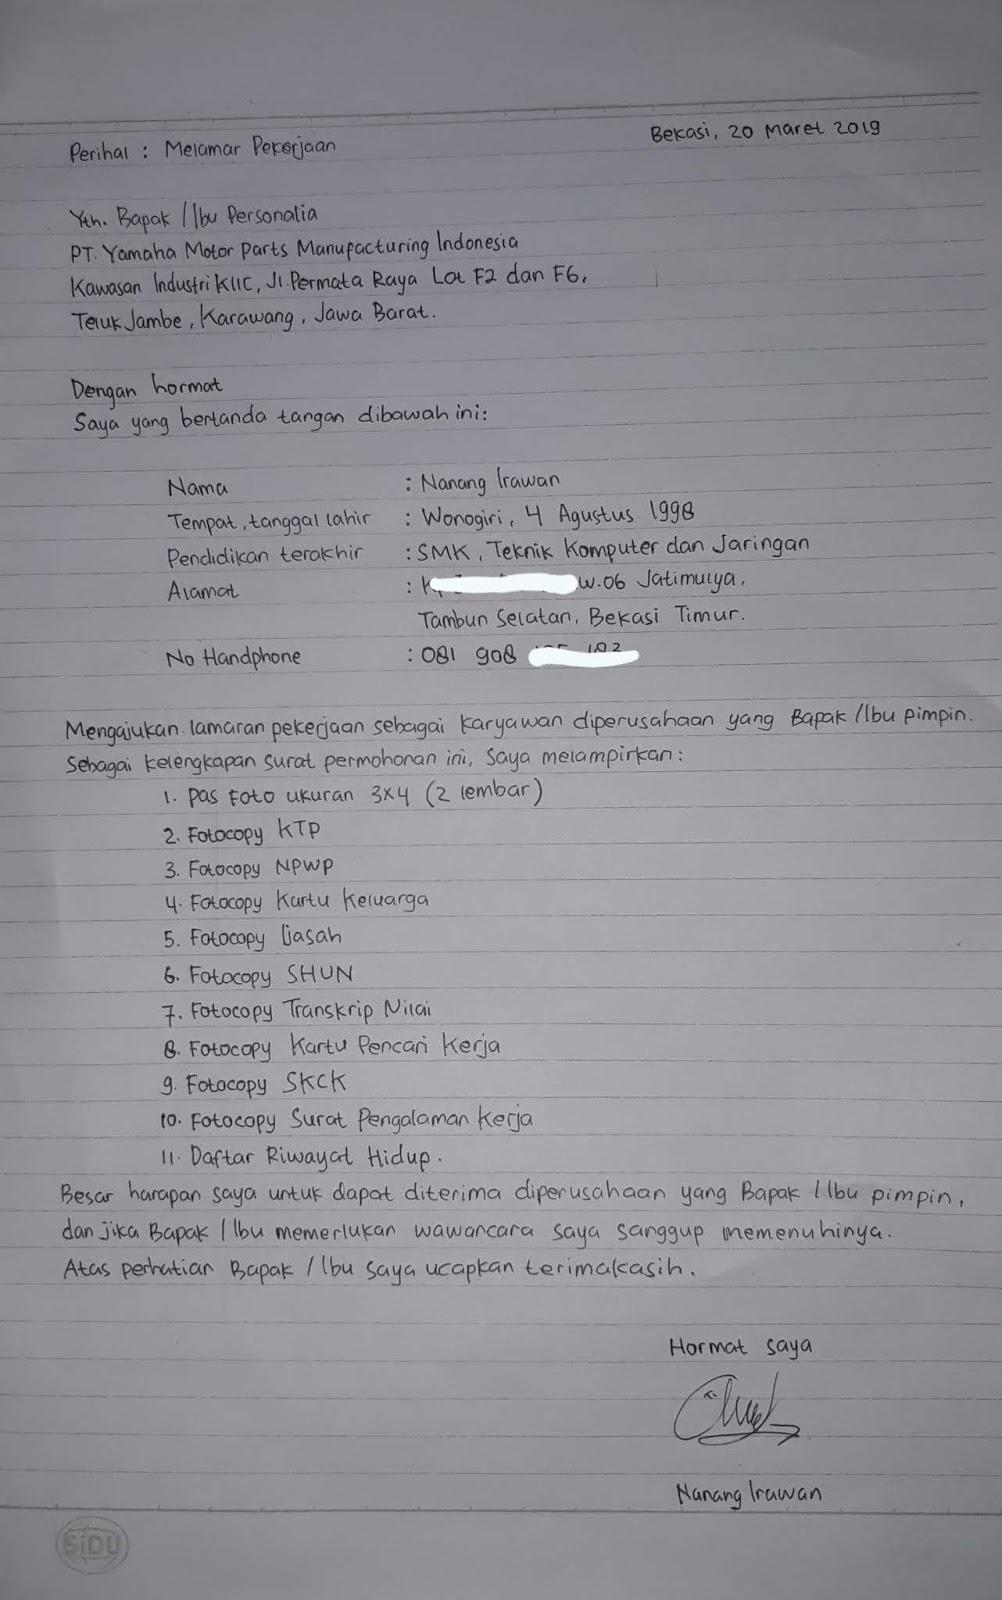 Contoh Surat Lamaran Kerja Tulisan Tangan Yang Benar